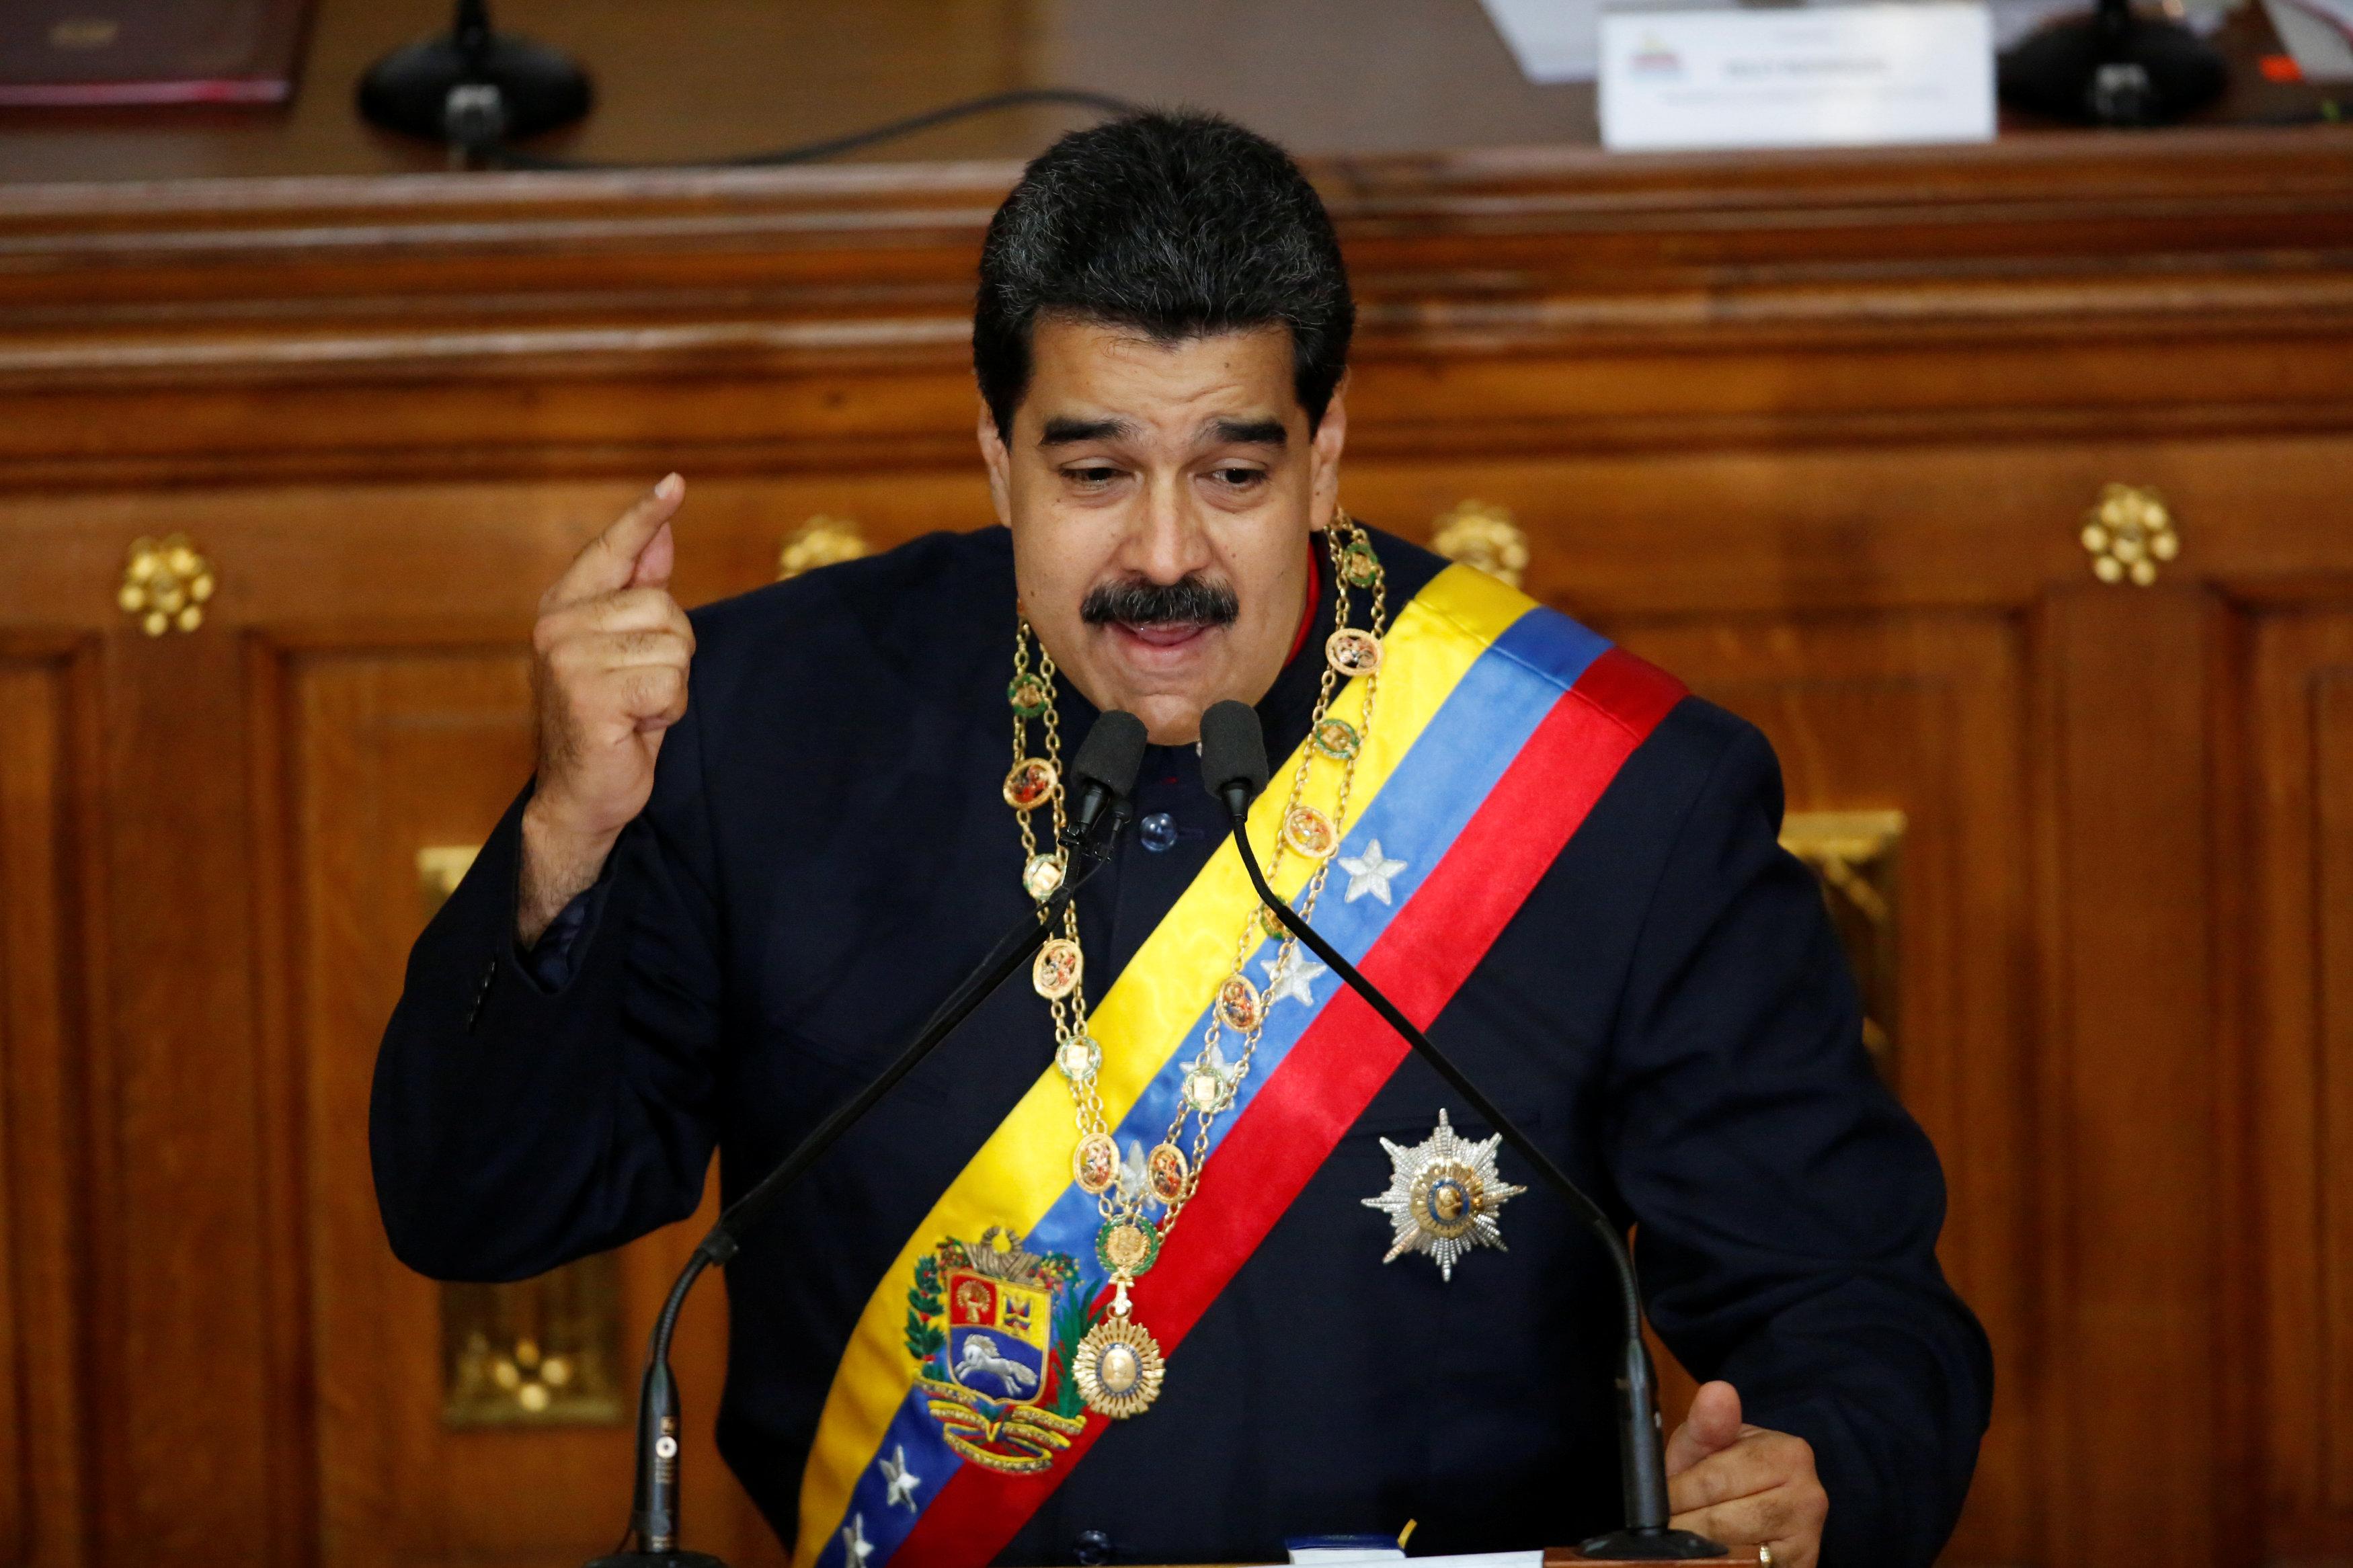 El presidente venezolano Nicolás Maduro en su discurso durante la sesión de la Asamblea Constituyente (Reuters)